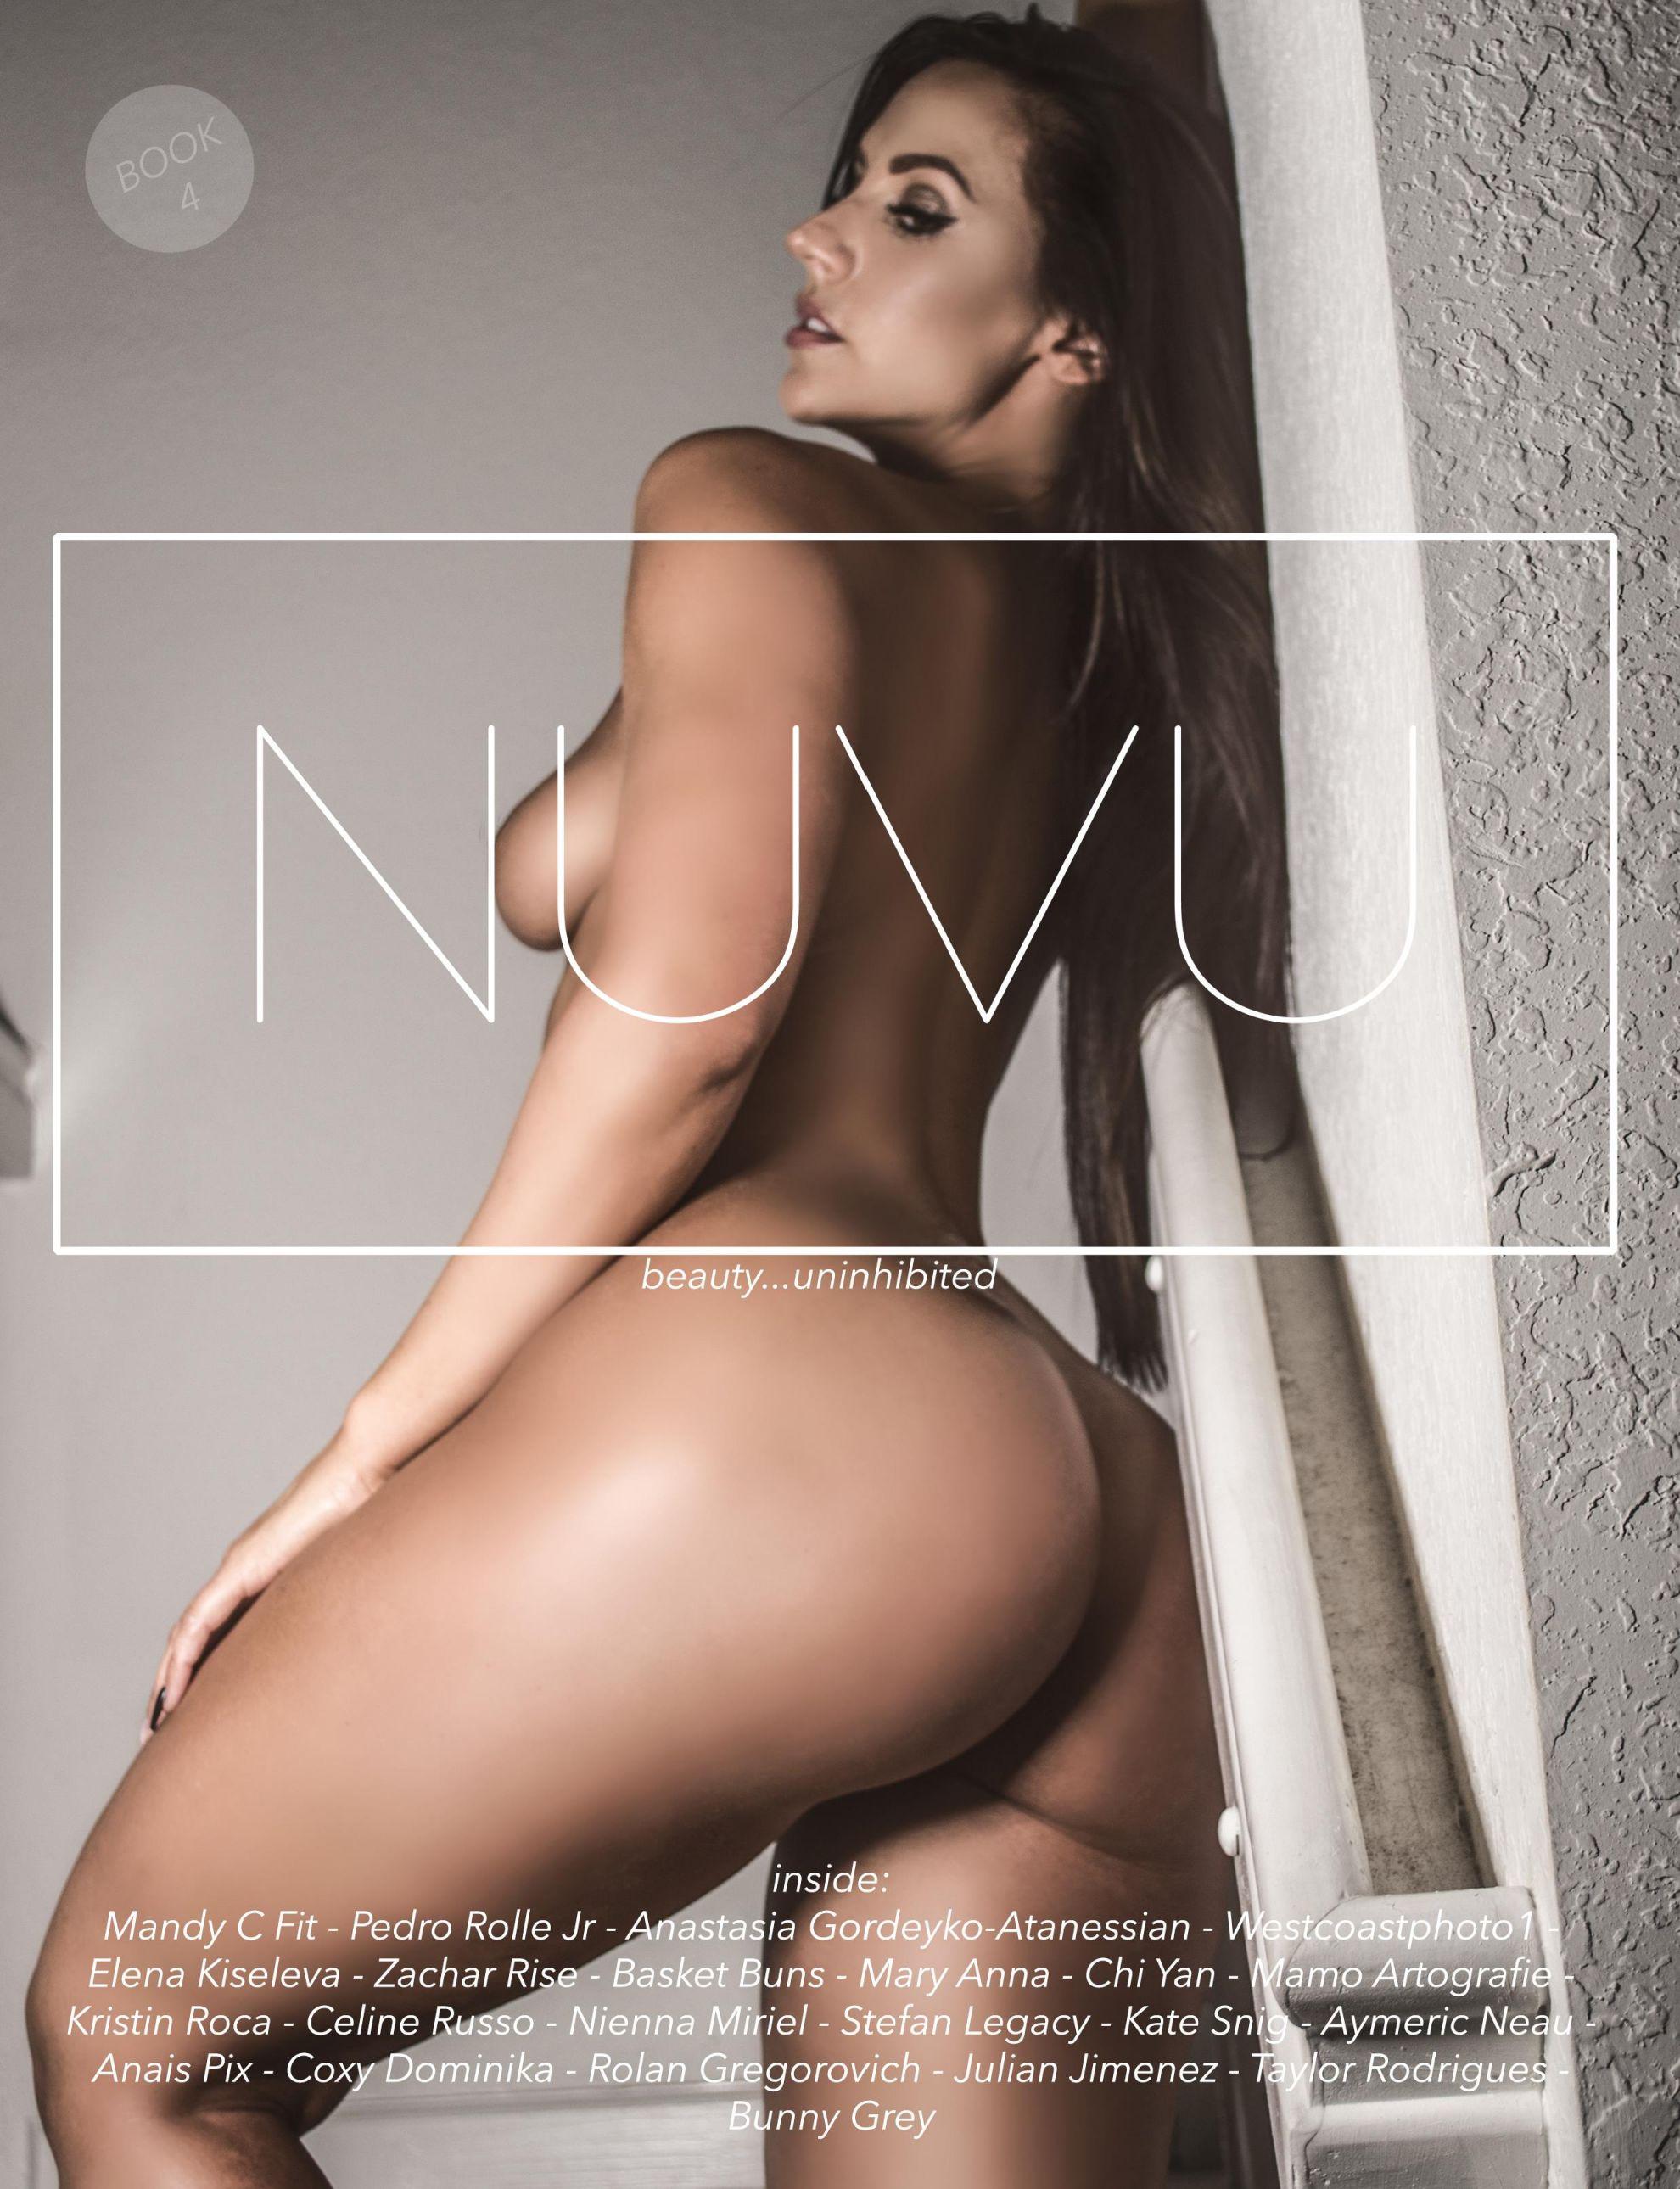 Mandycfit naked